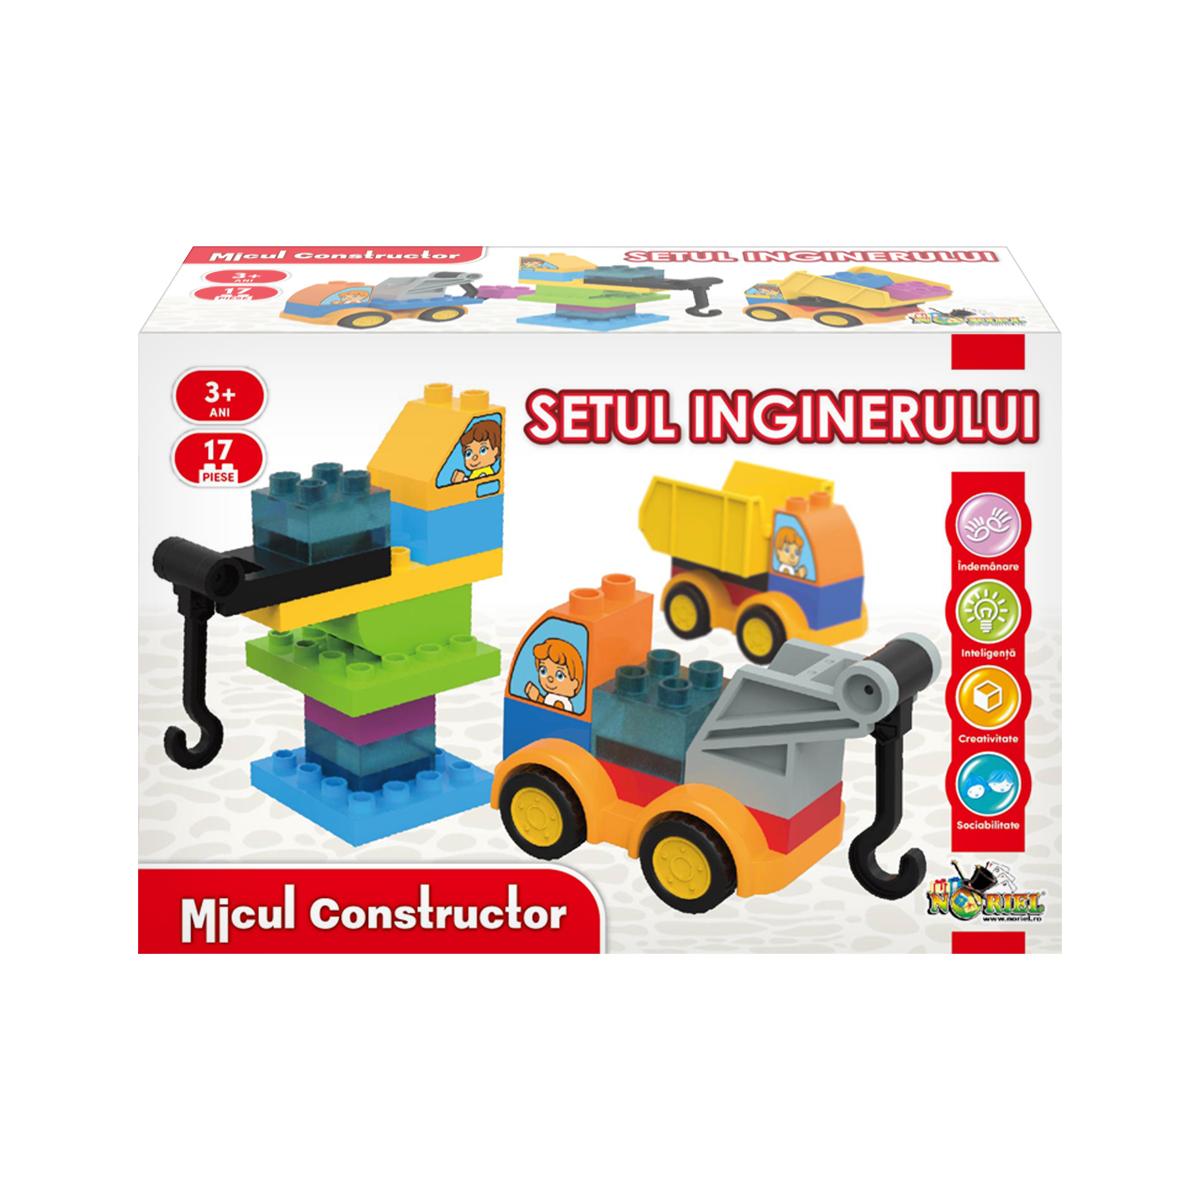 Jucarie de constructie Setul inginerului, Micul Constructor